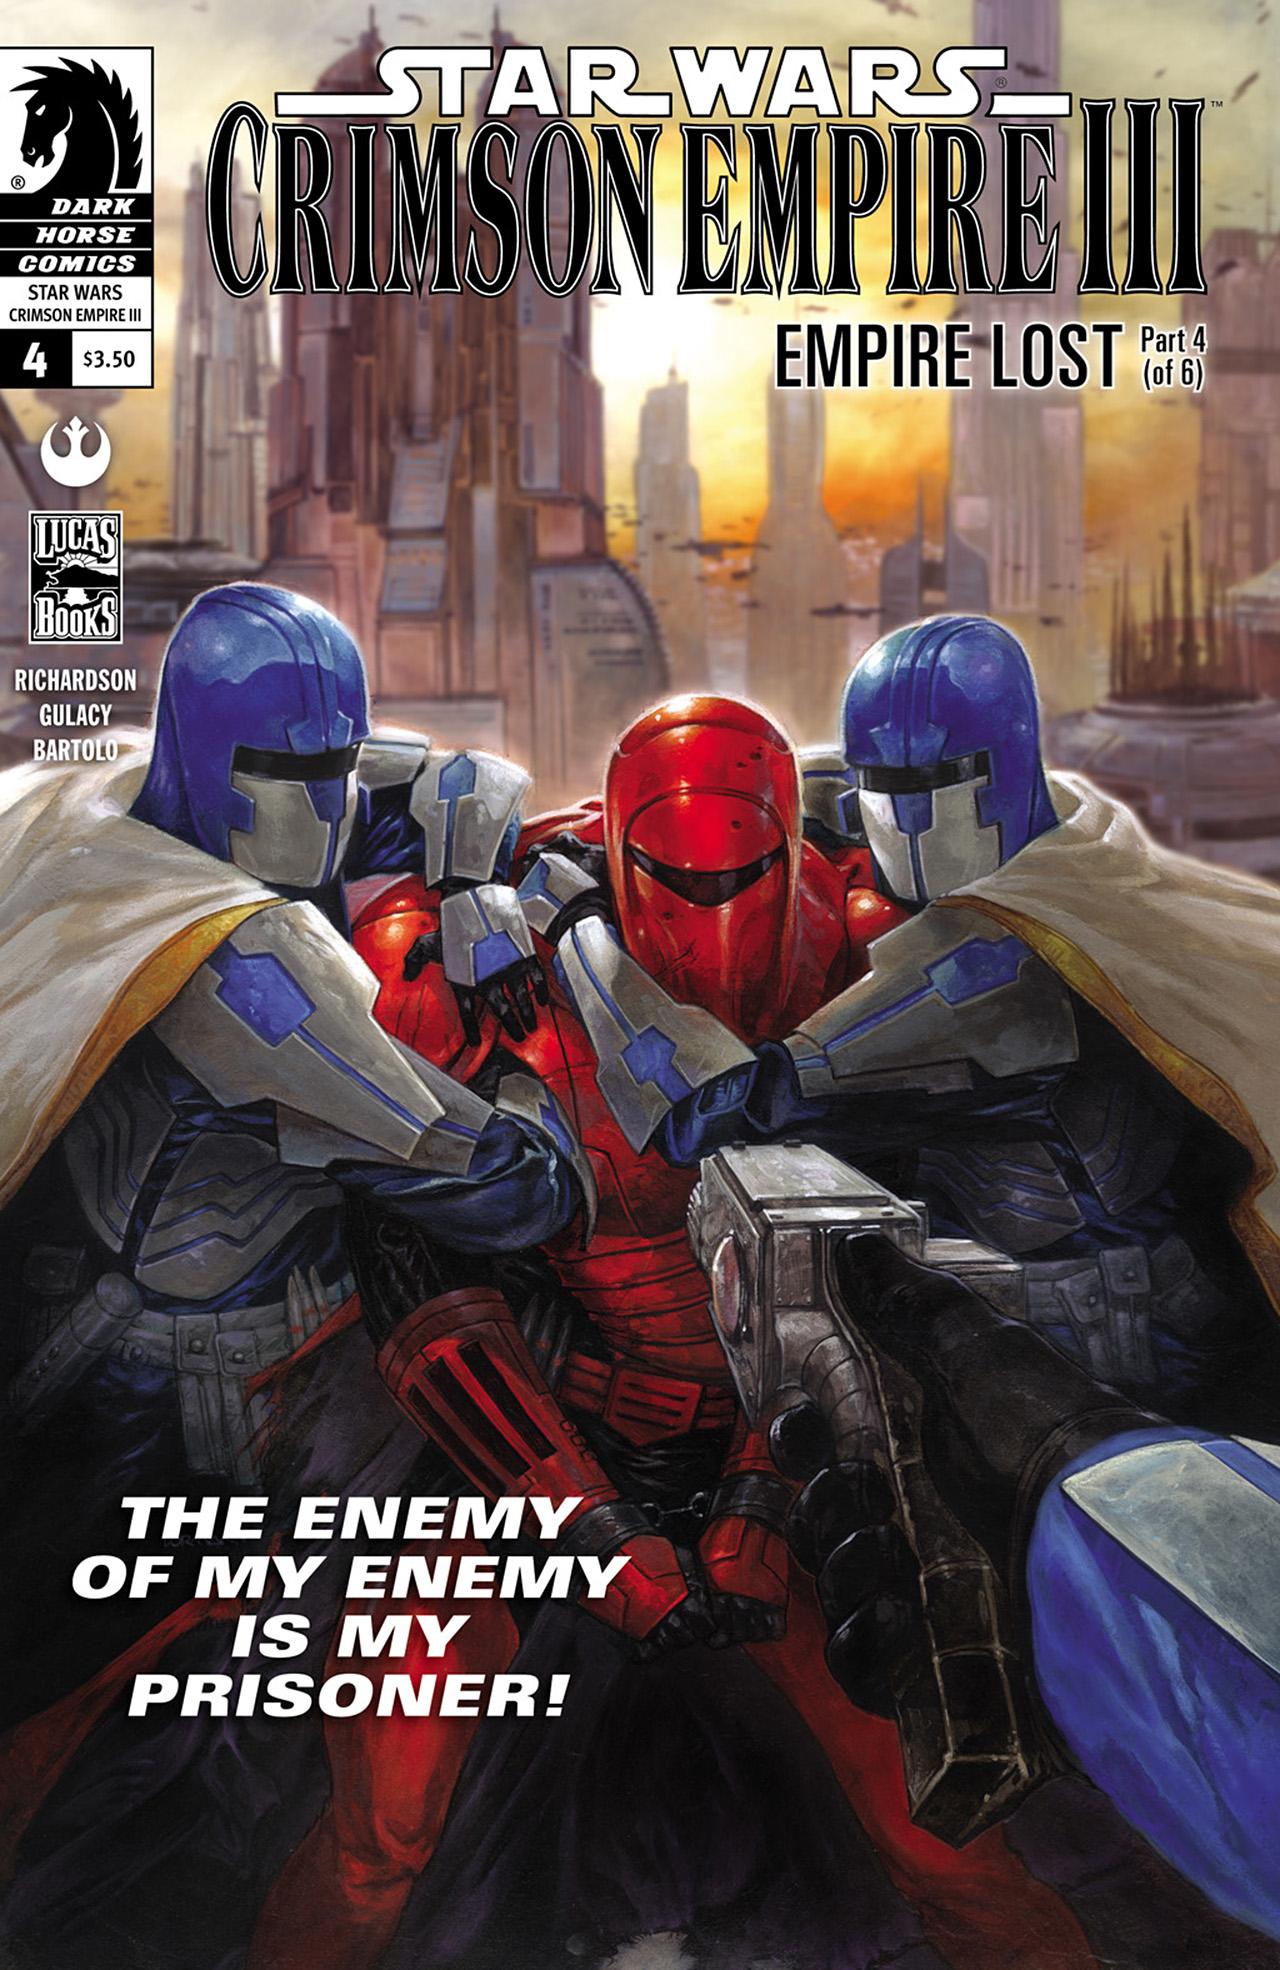 Star Wars Crimson Empire III: Empire Lost 4